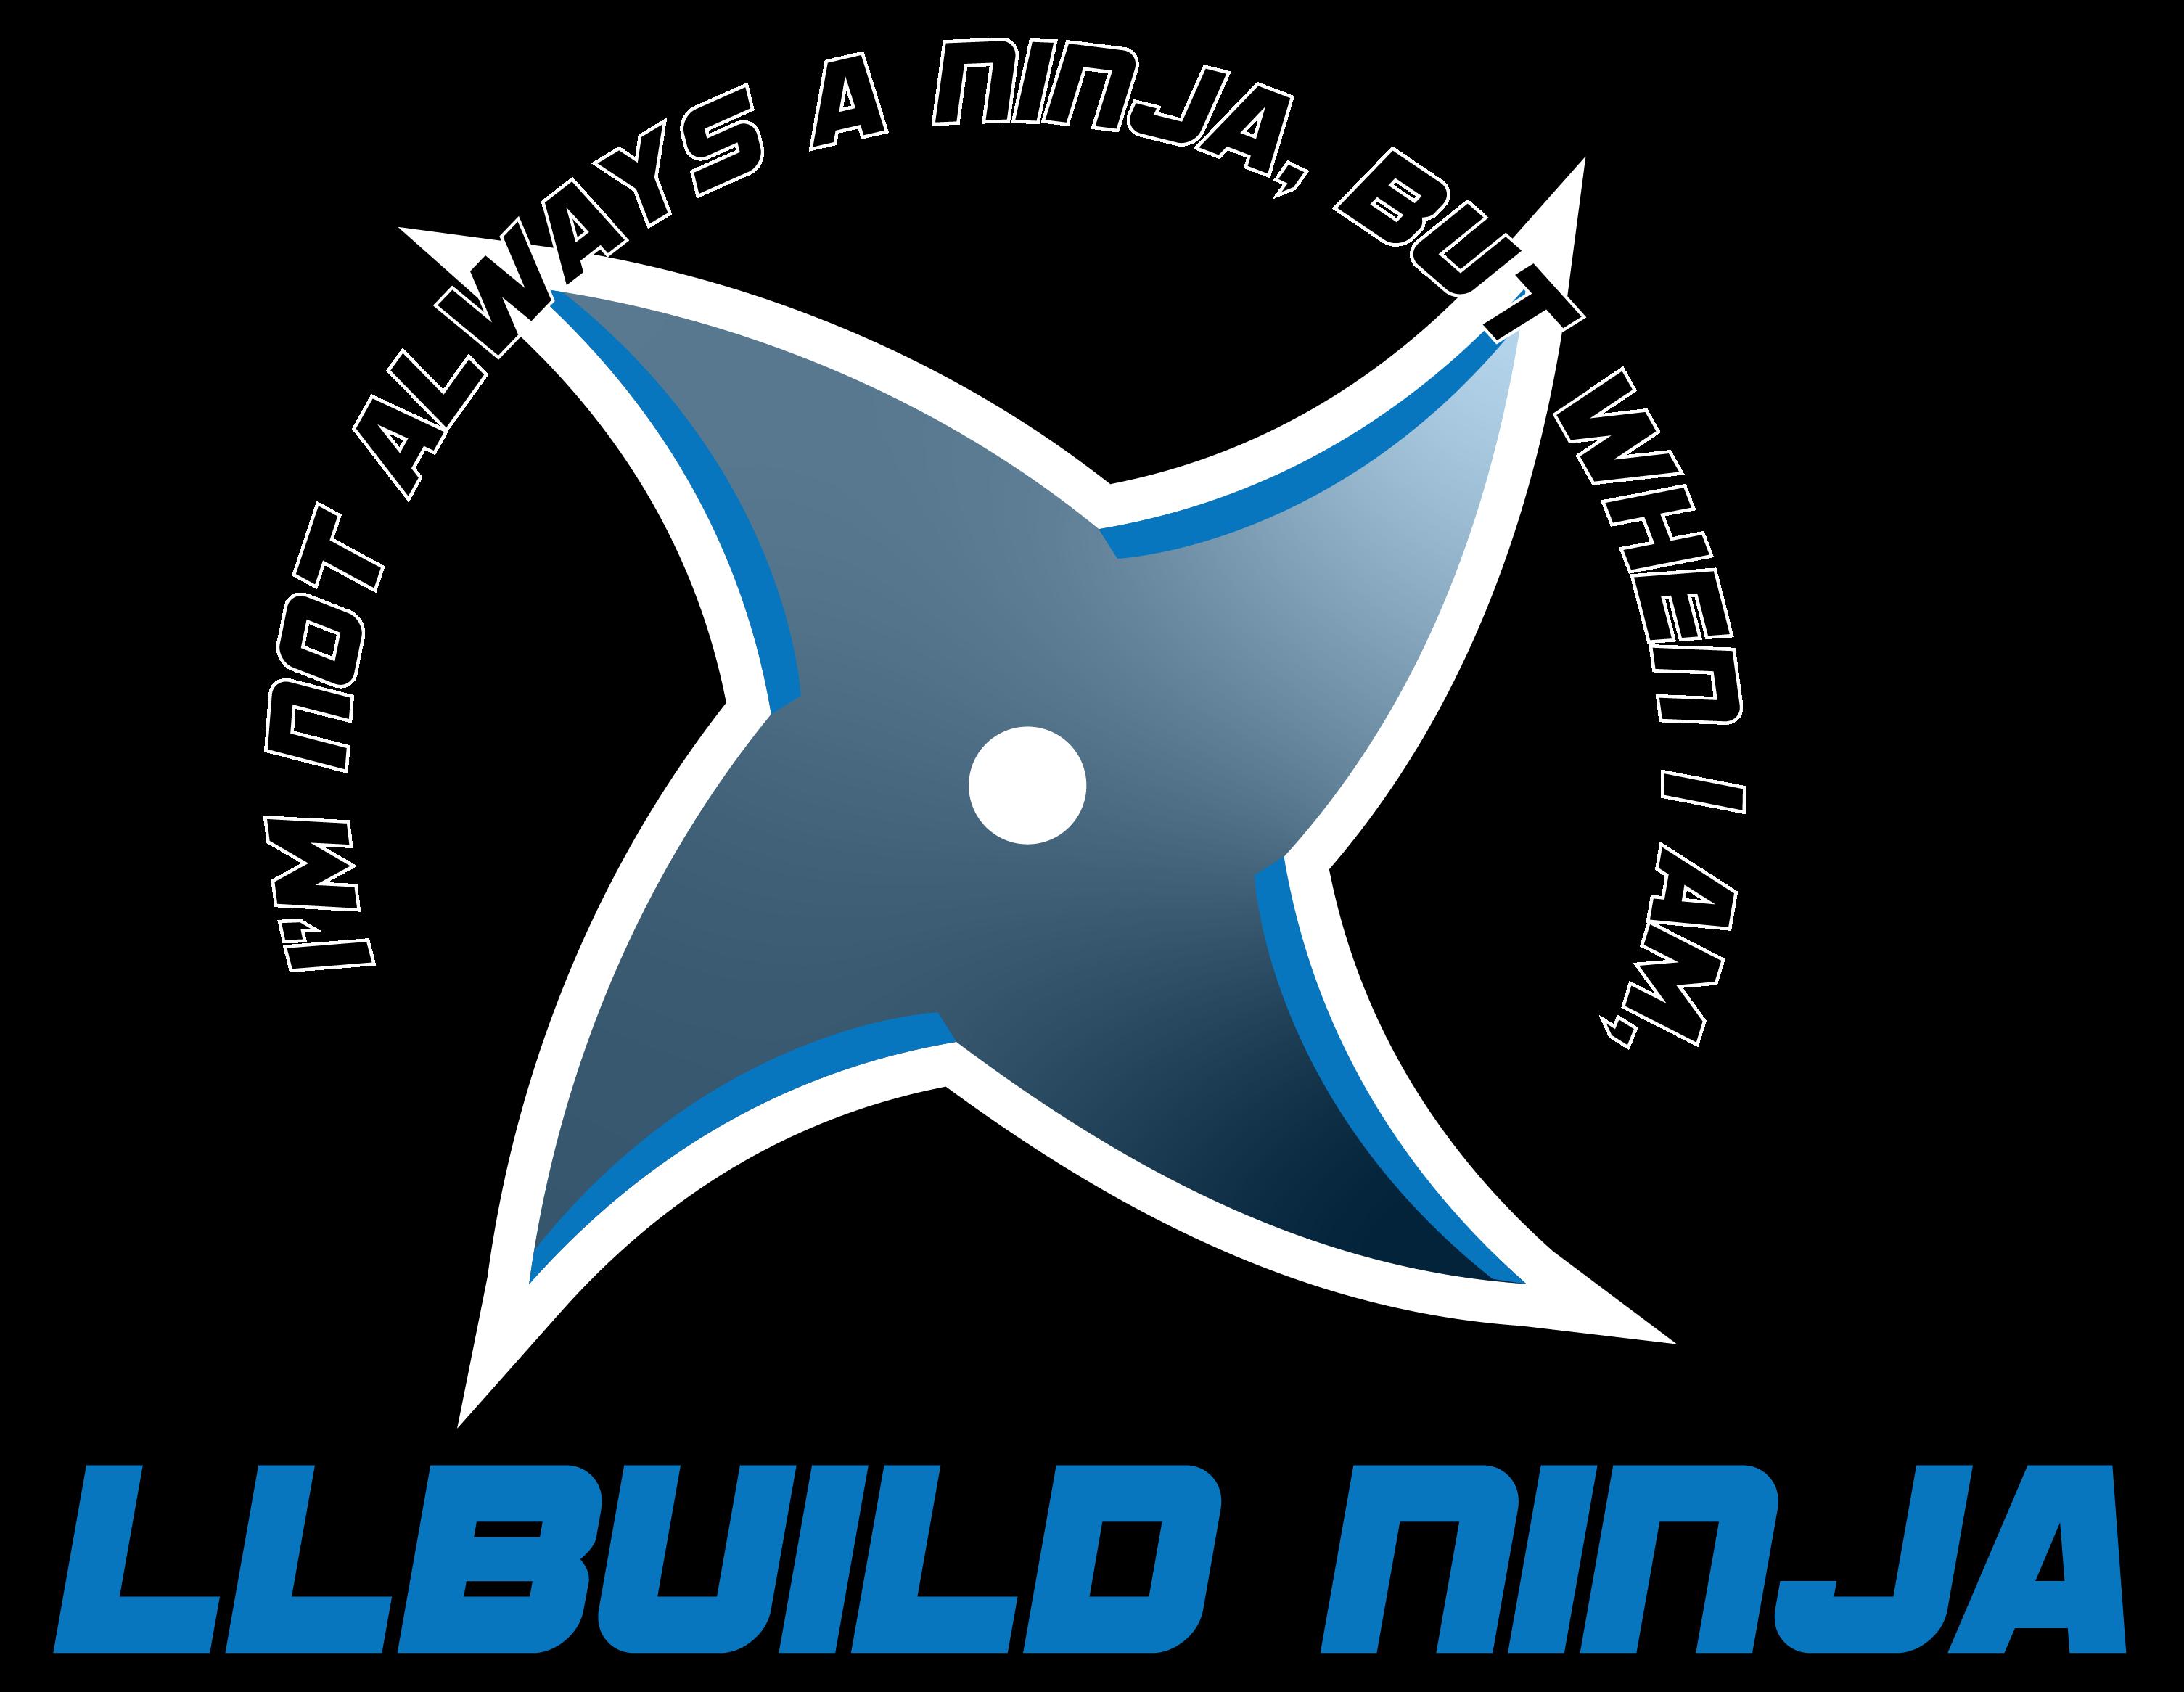 I'm not always a ninja, but when I am I'm an llbuild ninja.